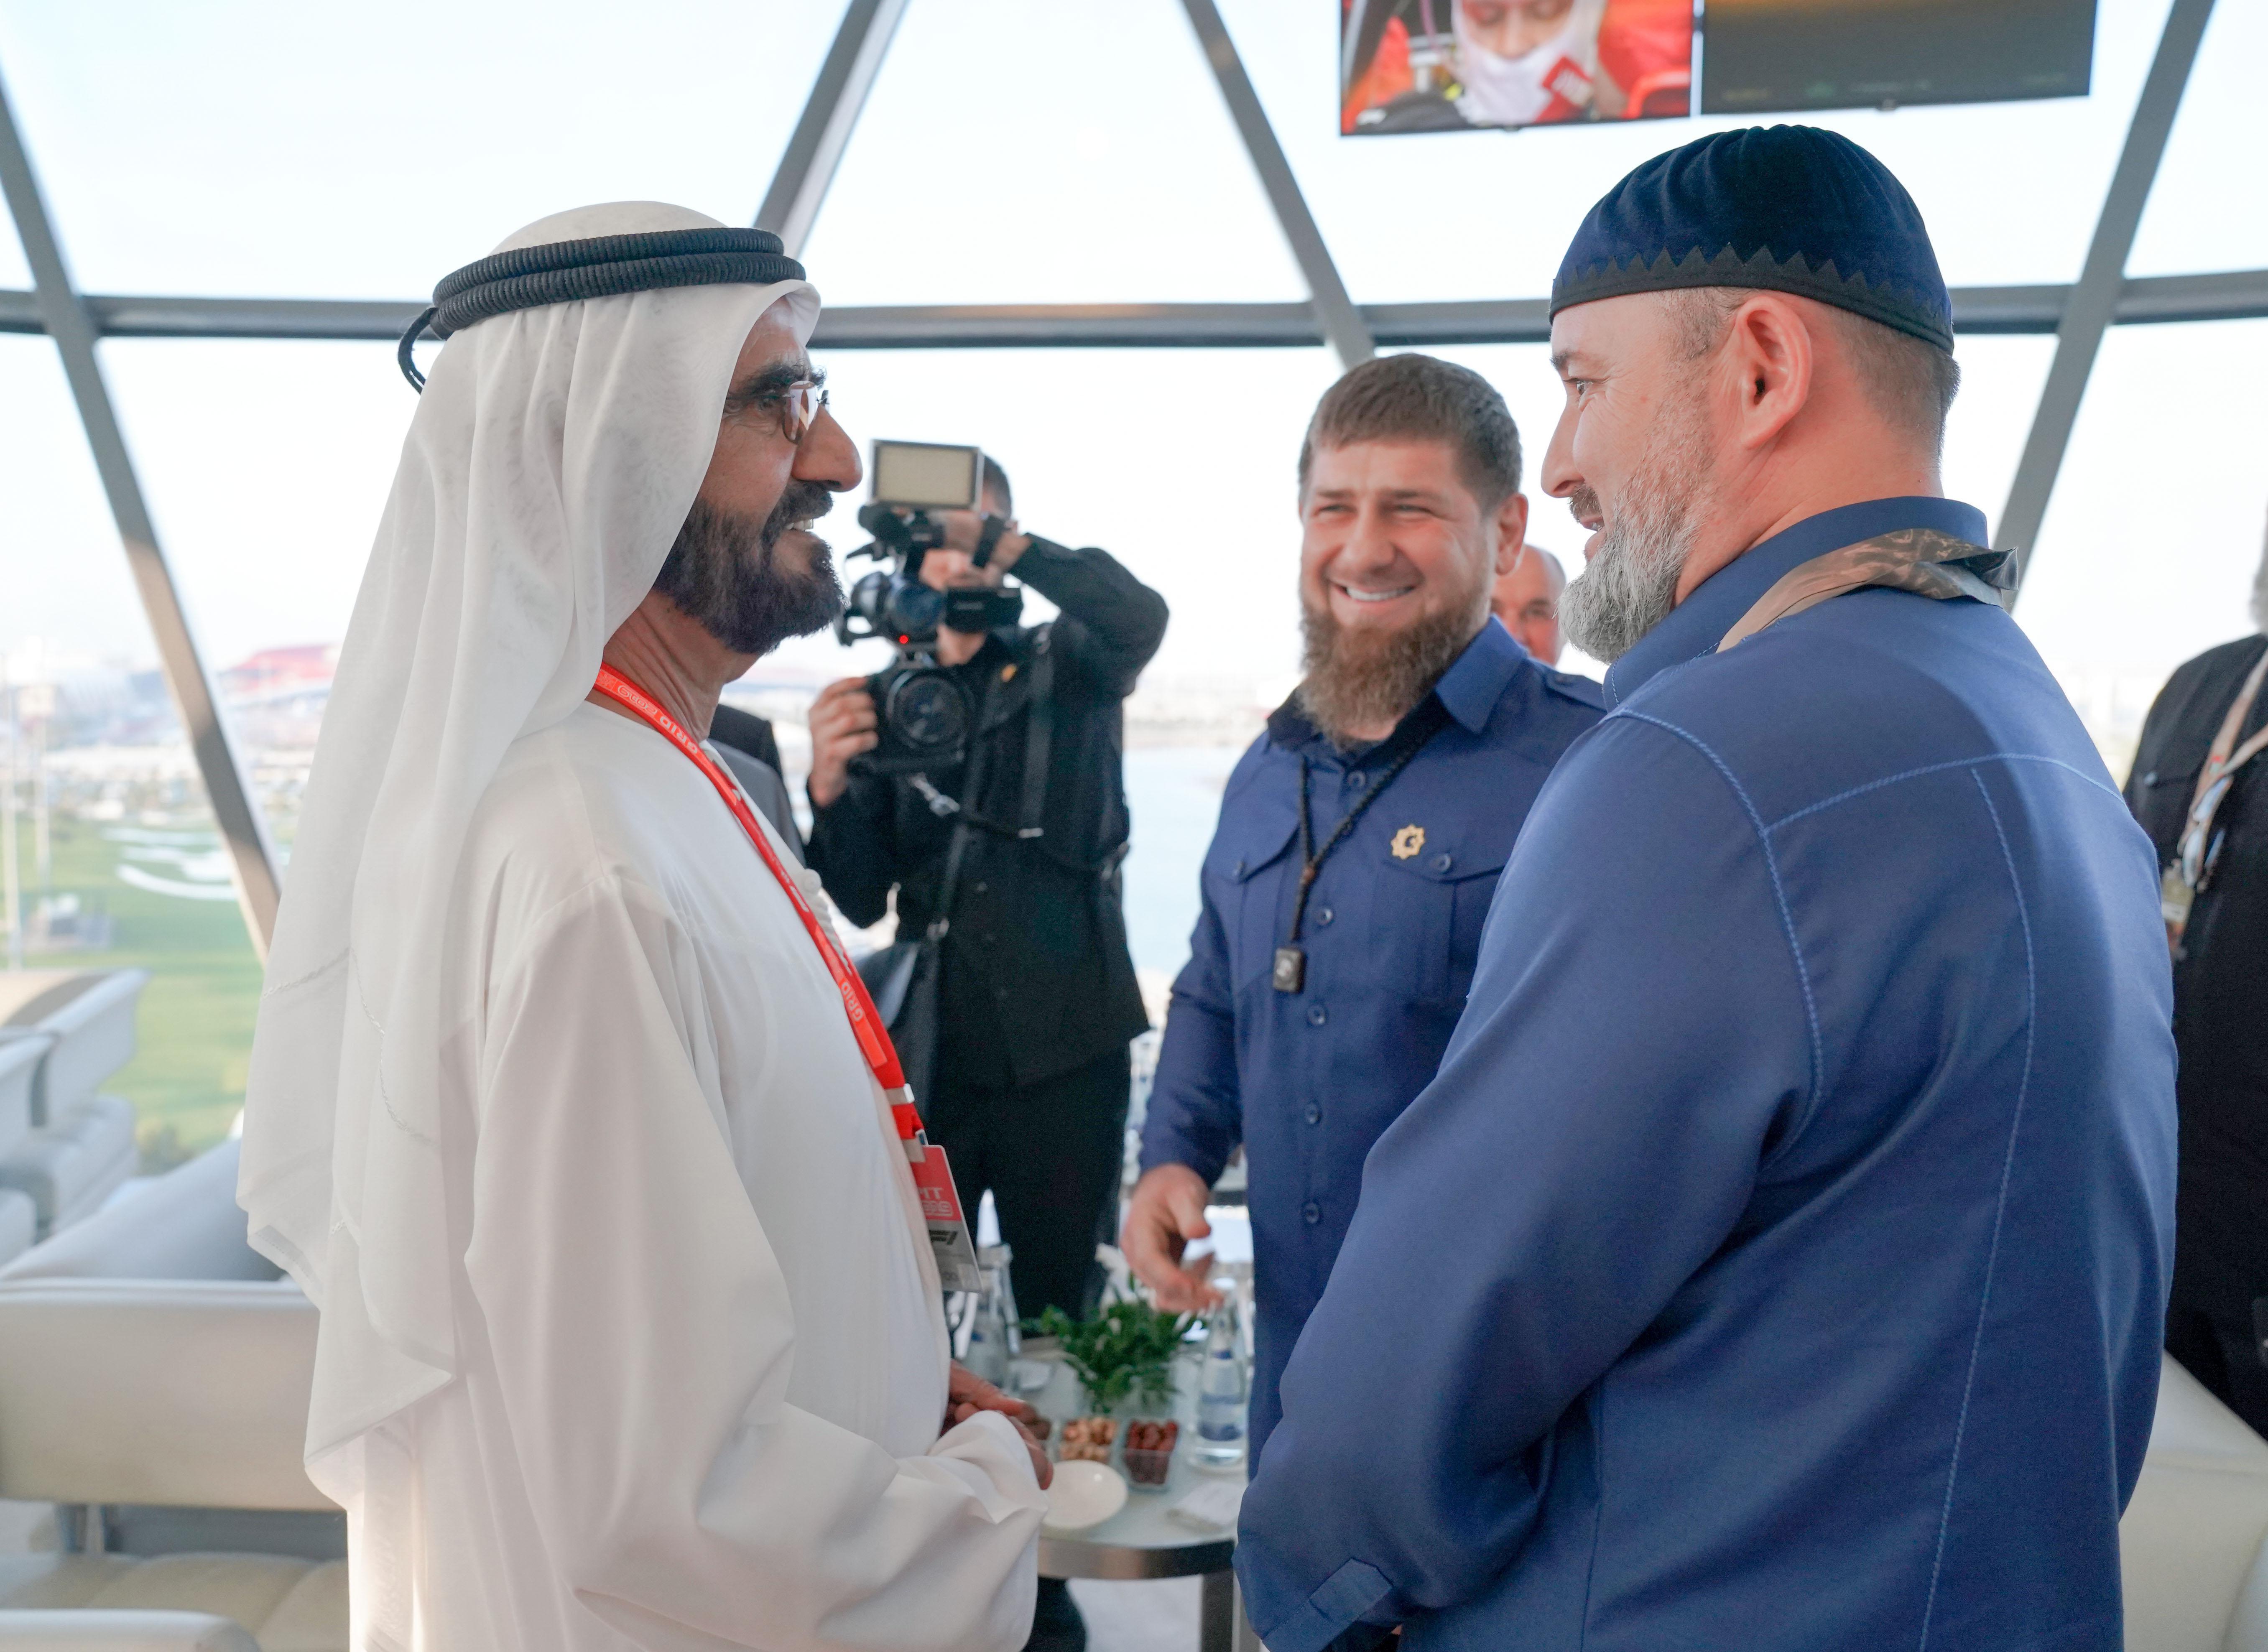 محمد بن راشد ومحمد بن زايد وولي عهد السعودية والضيوف يشهدون منافسات جائزة الاتحاد للطيران الكبرى للفورمولا 1 - الجولة الختامية لبطولة العالم 2019